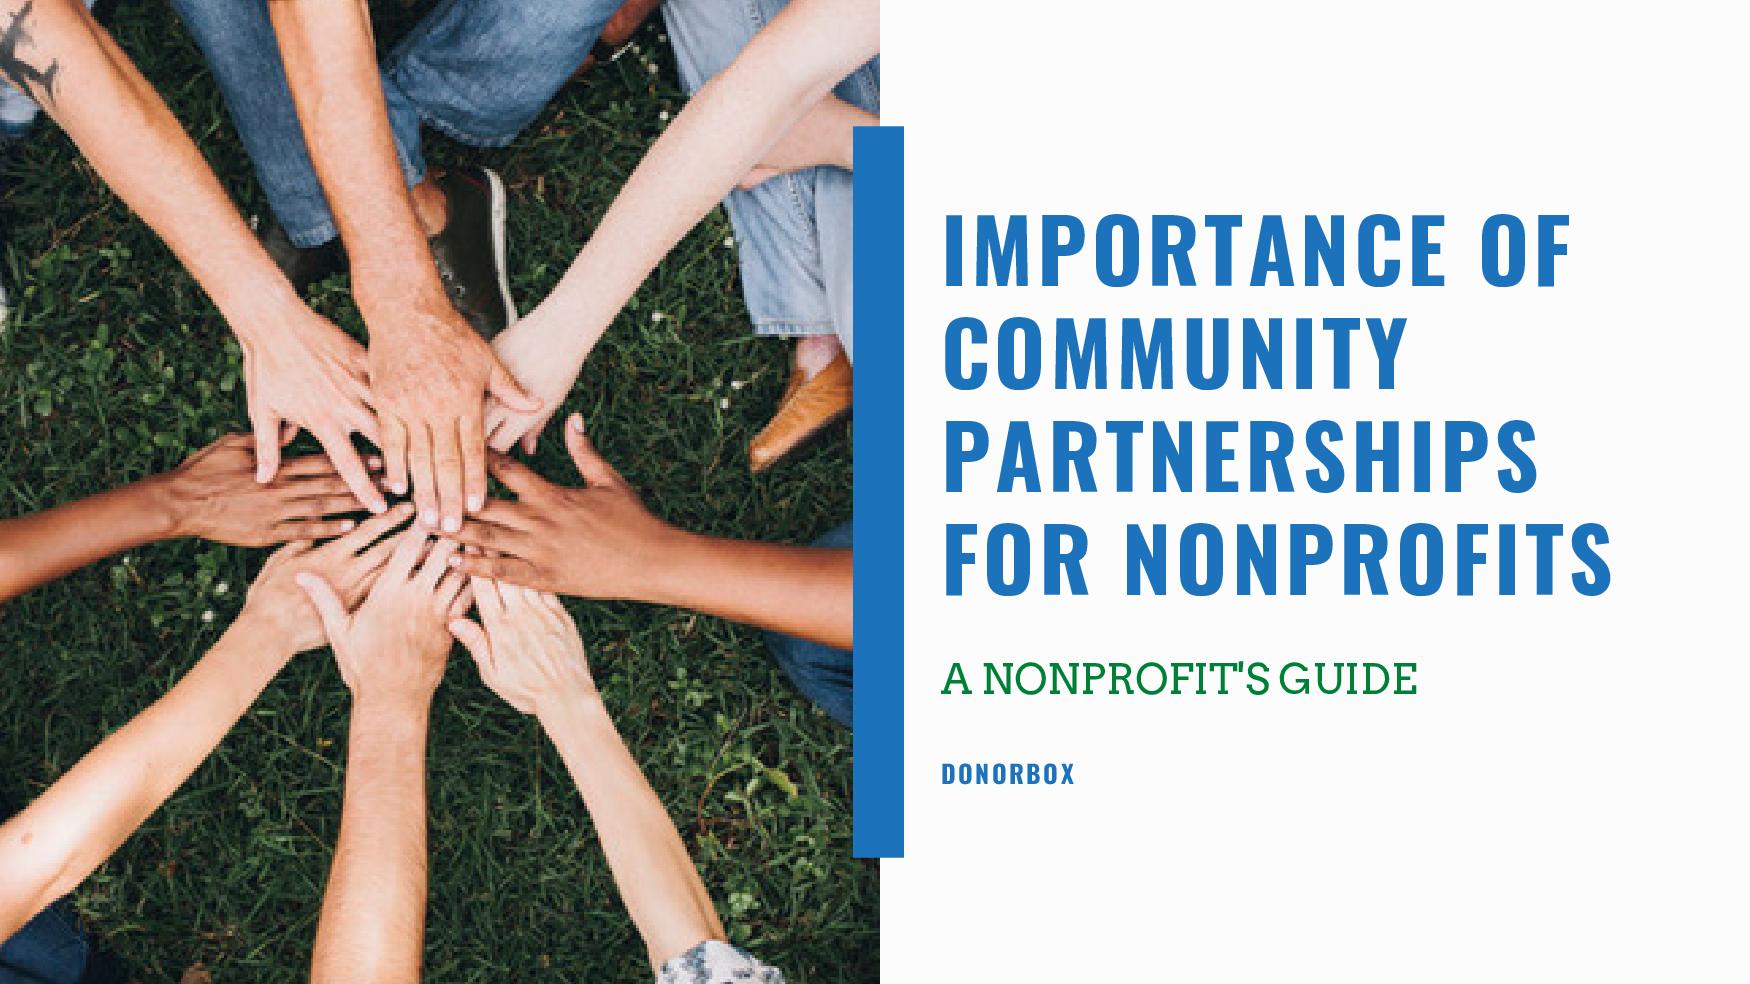 Importance of Community Partnerships for Nonprofits